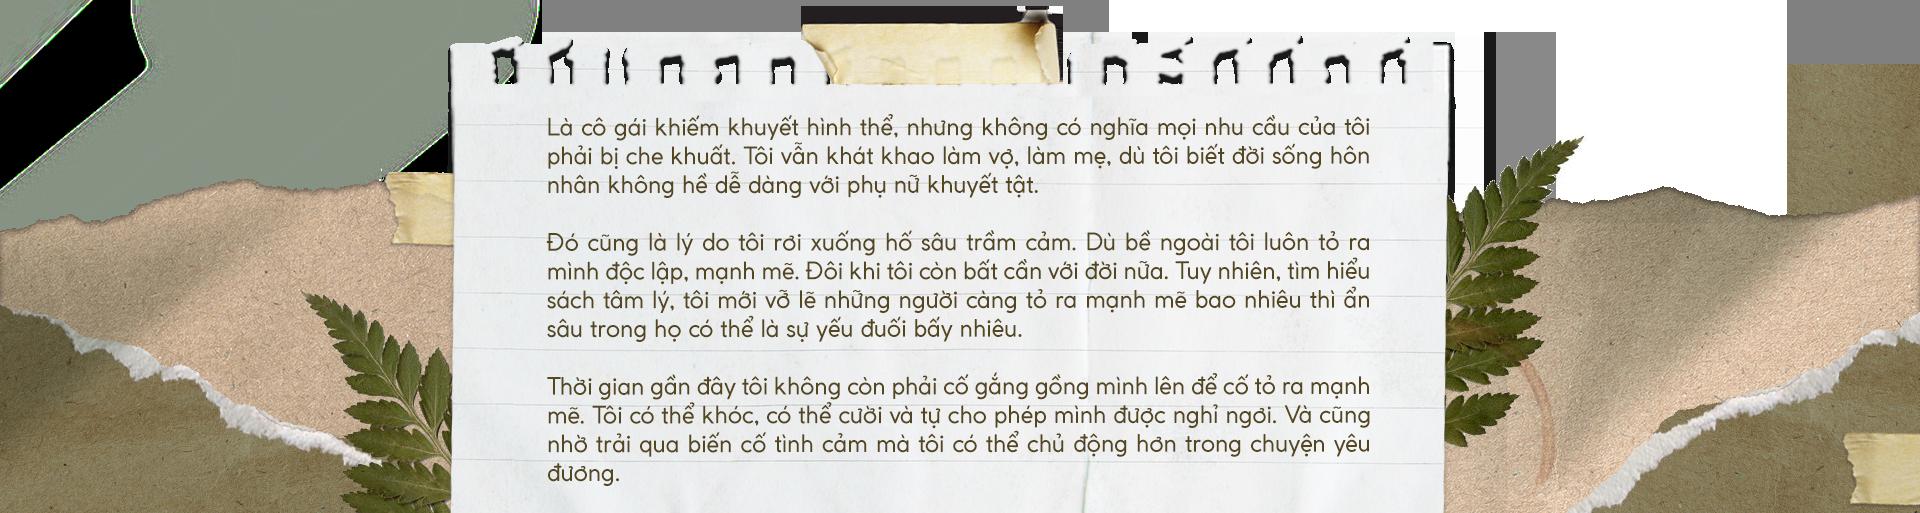 Kỳ 9: Tình yêu và… nếu tôi chết đi - Ảnh 8.